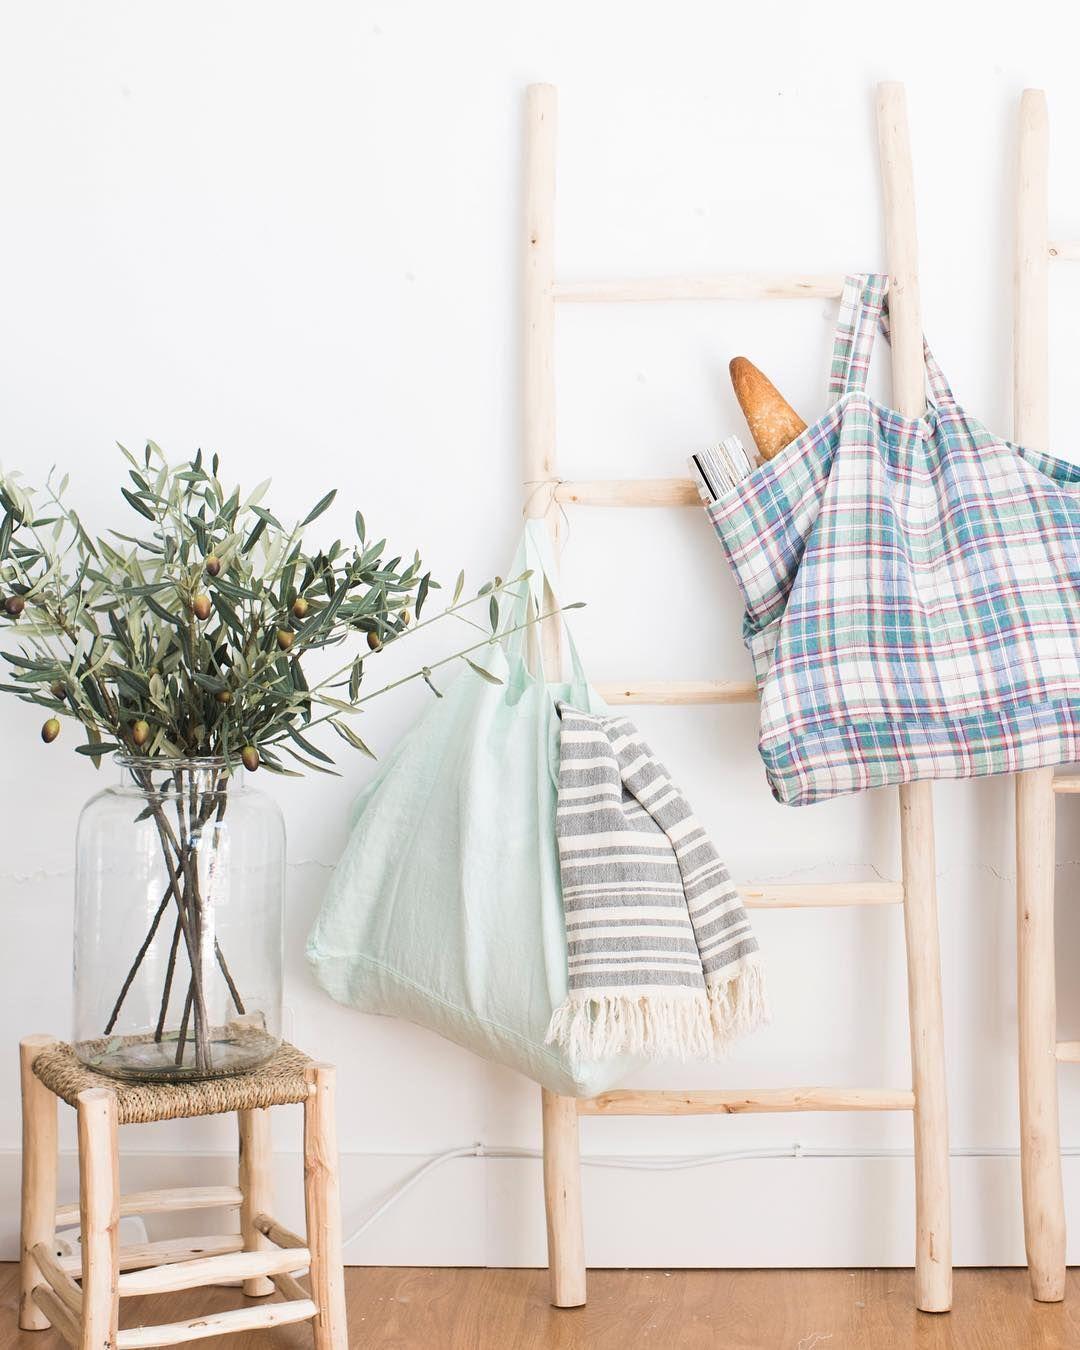 """770 Me gusta, 6 comentarios - Deco & Living (@decoandliving) en Instagram: """"Hemos vuelto a traer las bolsas de lino más cómodas y monas del planeta que sabemos que muchas os…"""""""